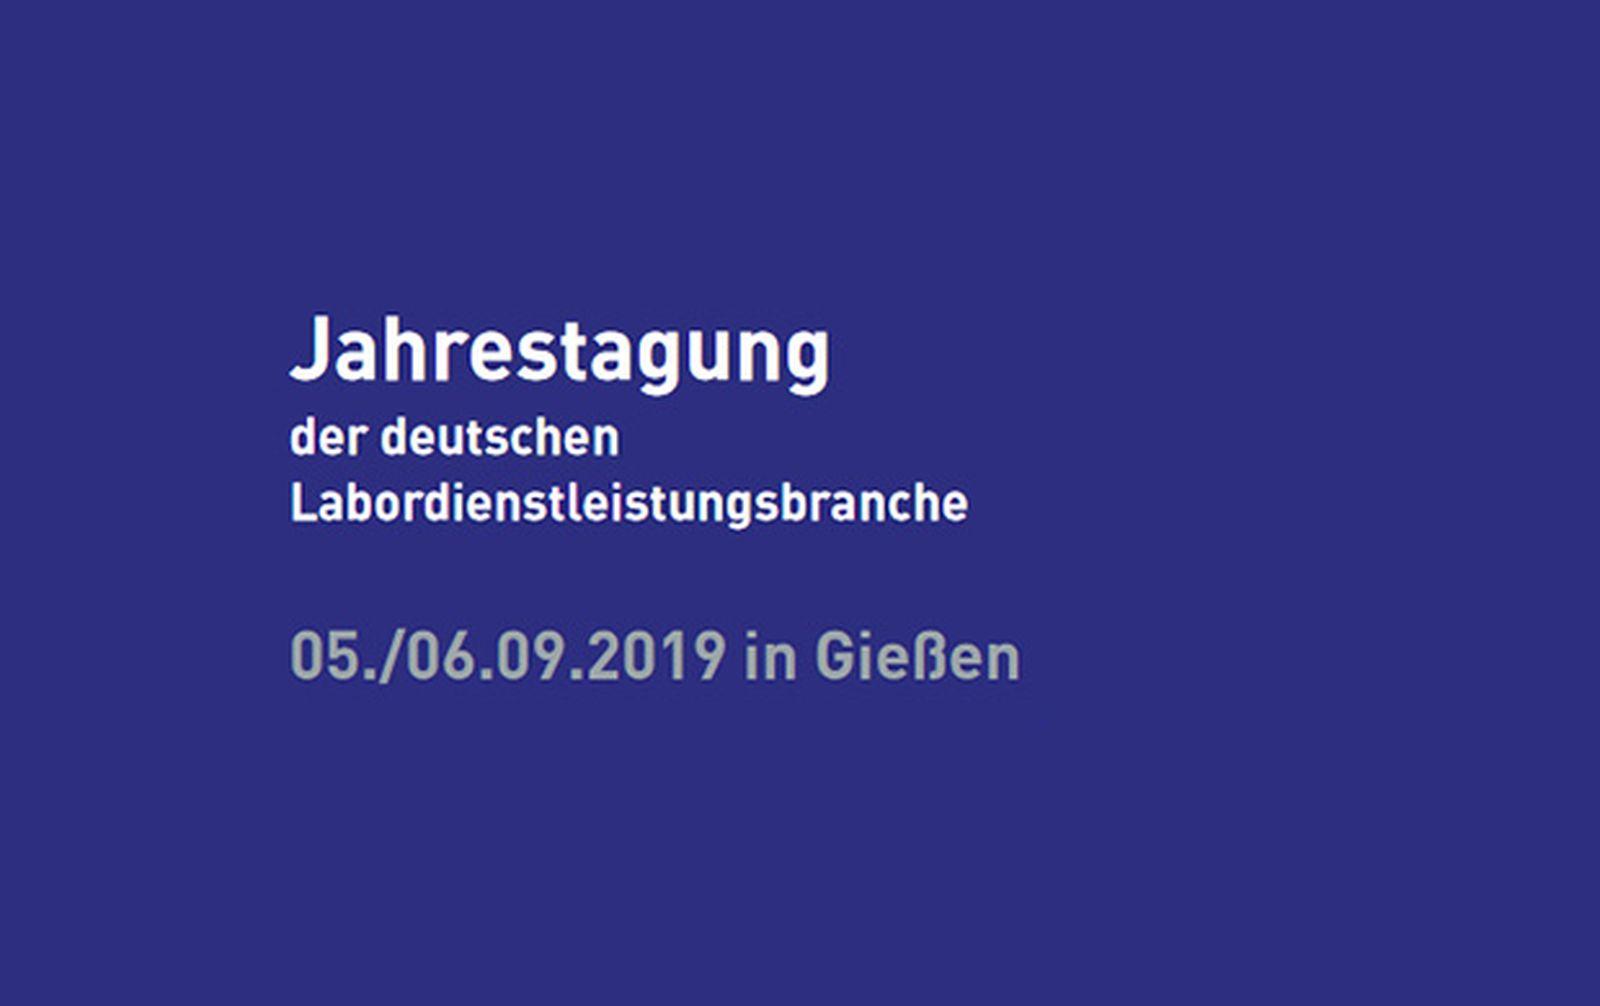 Die GBA auf der Jahrestagung 2019 der deutschen Labordienstleistungsbranche